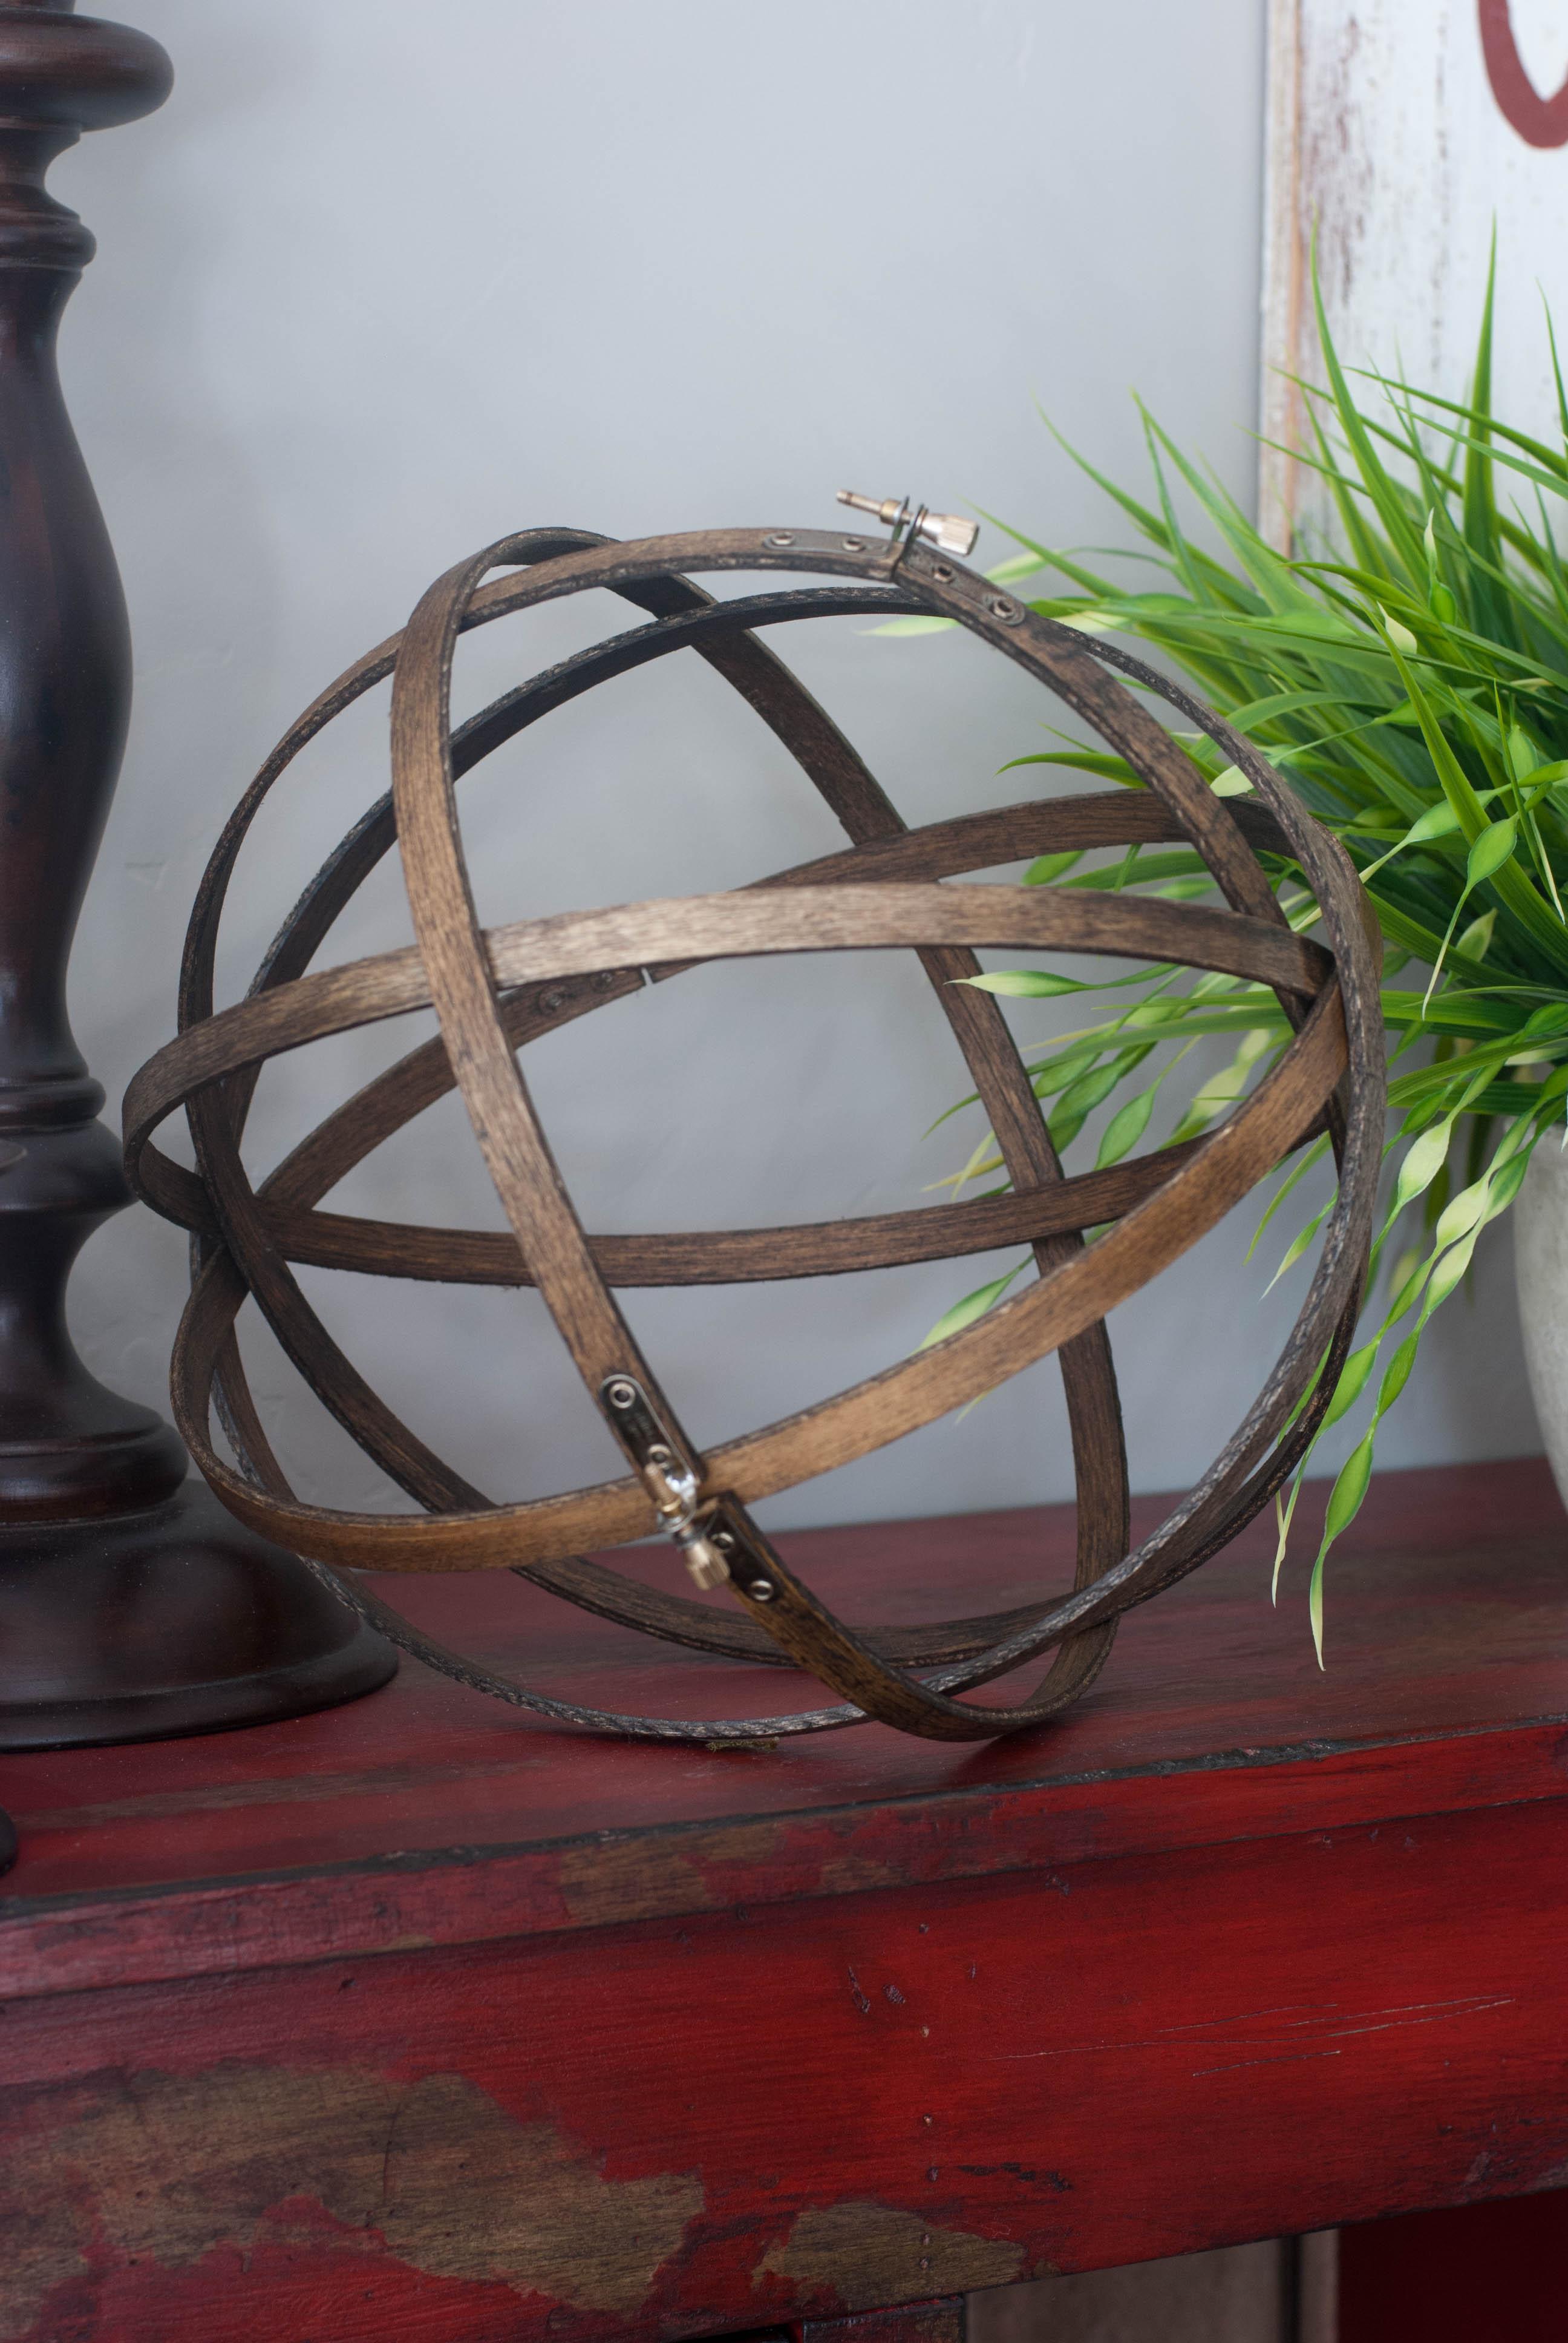 Diy embroidery hoop orb artzycreations